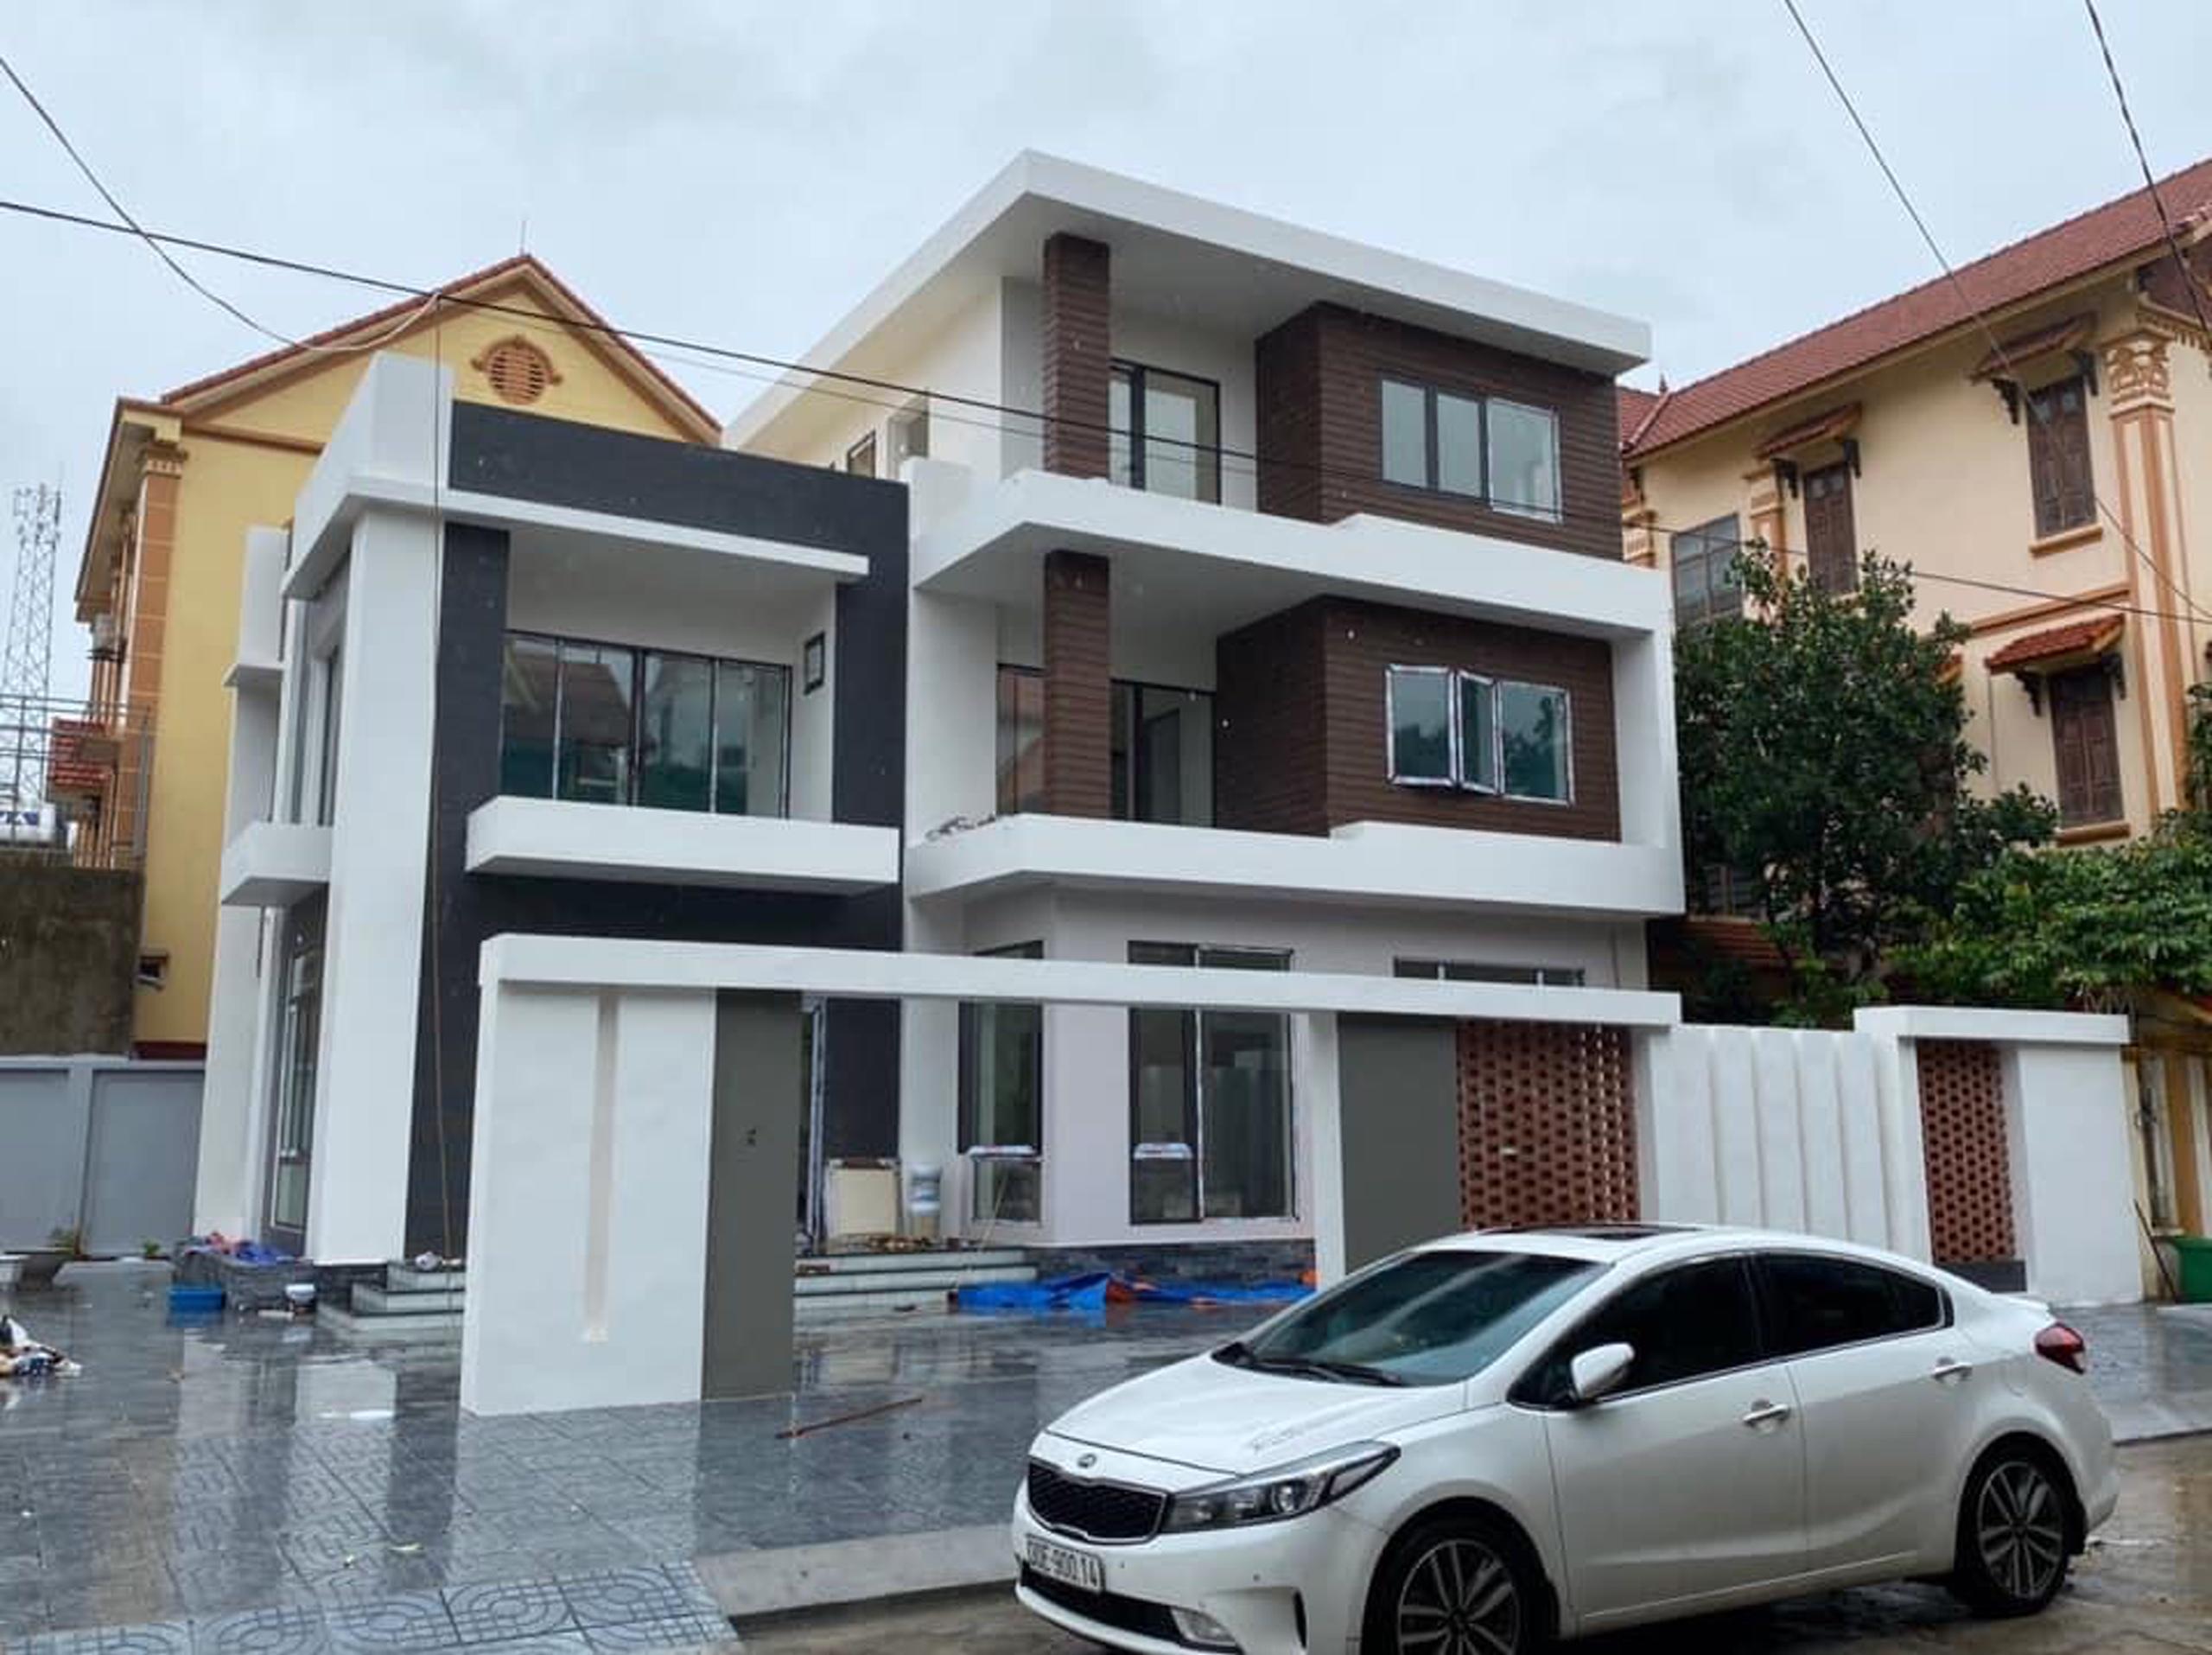 Lắp đặt cửa nhôm xingfa tại Ninh Bình - LANO Group